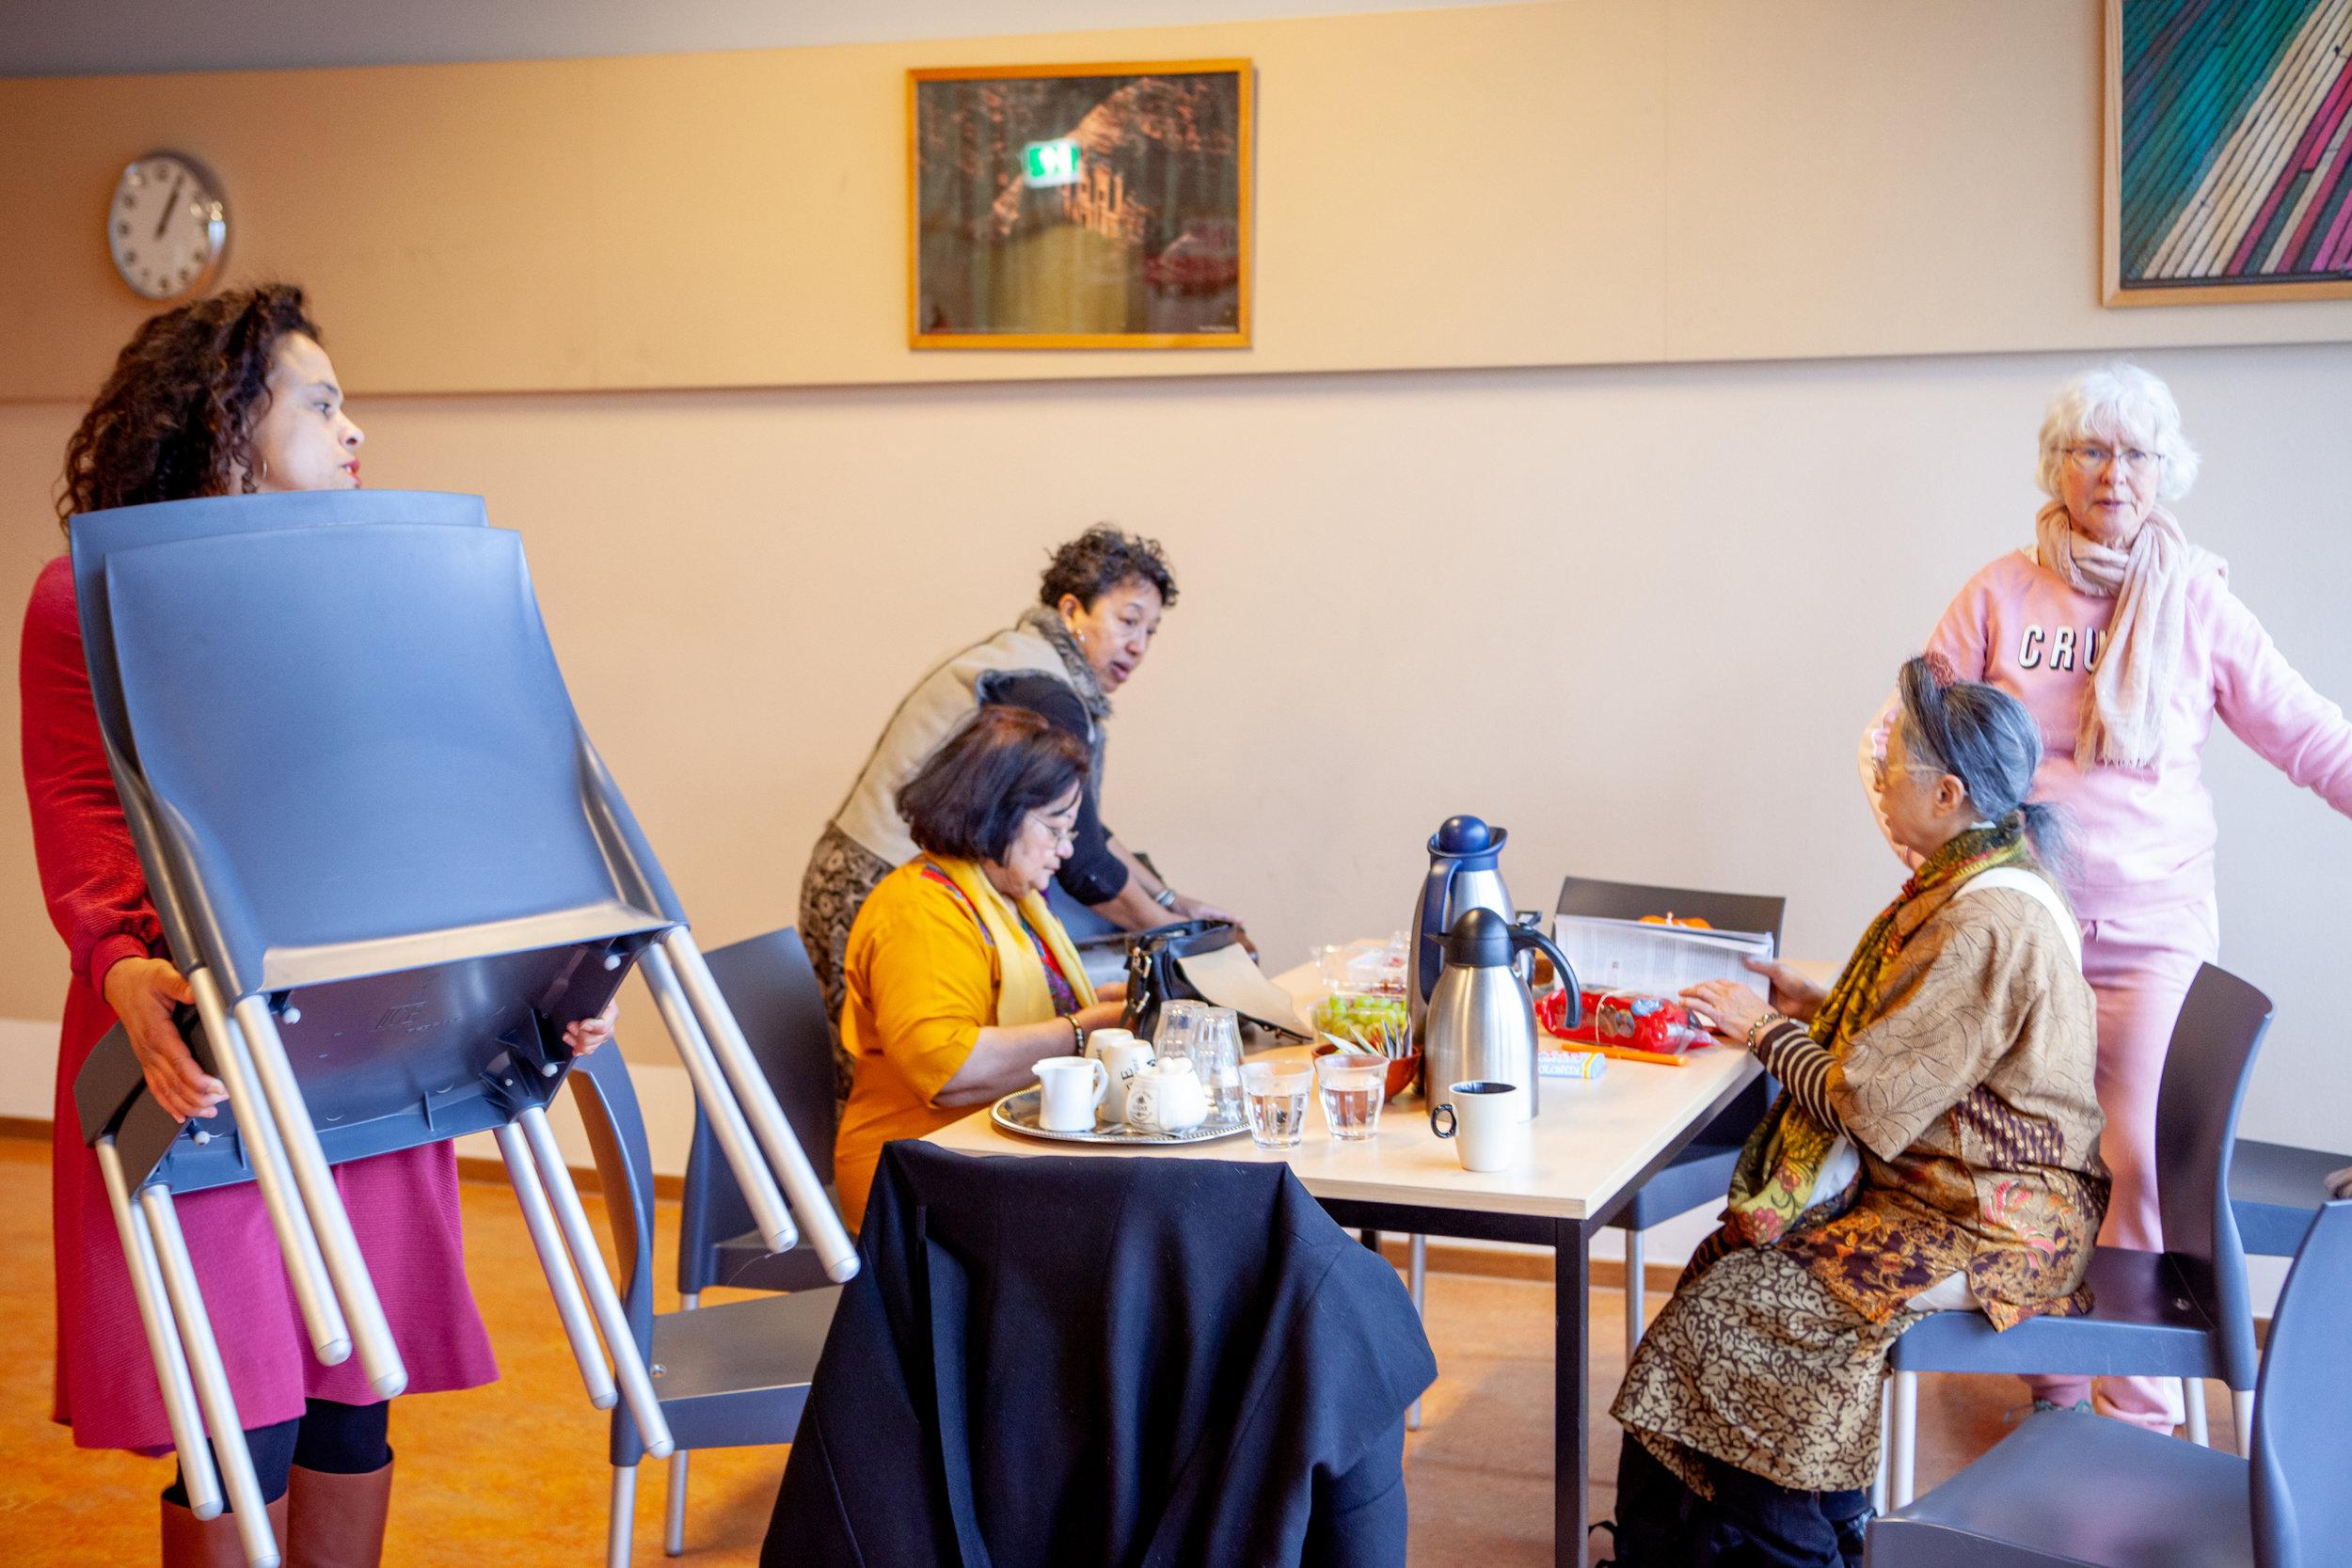 De voorstelling ontstond tijdens gesprekken. Aan tafel met koffie en koekjes vonden de vrouwen het vertrouwen, de veiligheid en het lef om zichzelf en hun verhaal te ontdekken en uit gaan dragen.